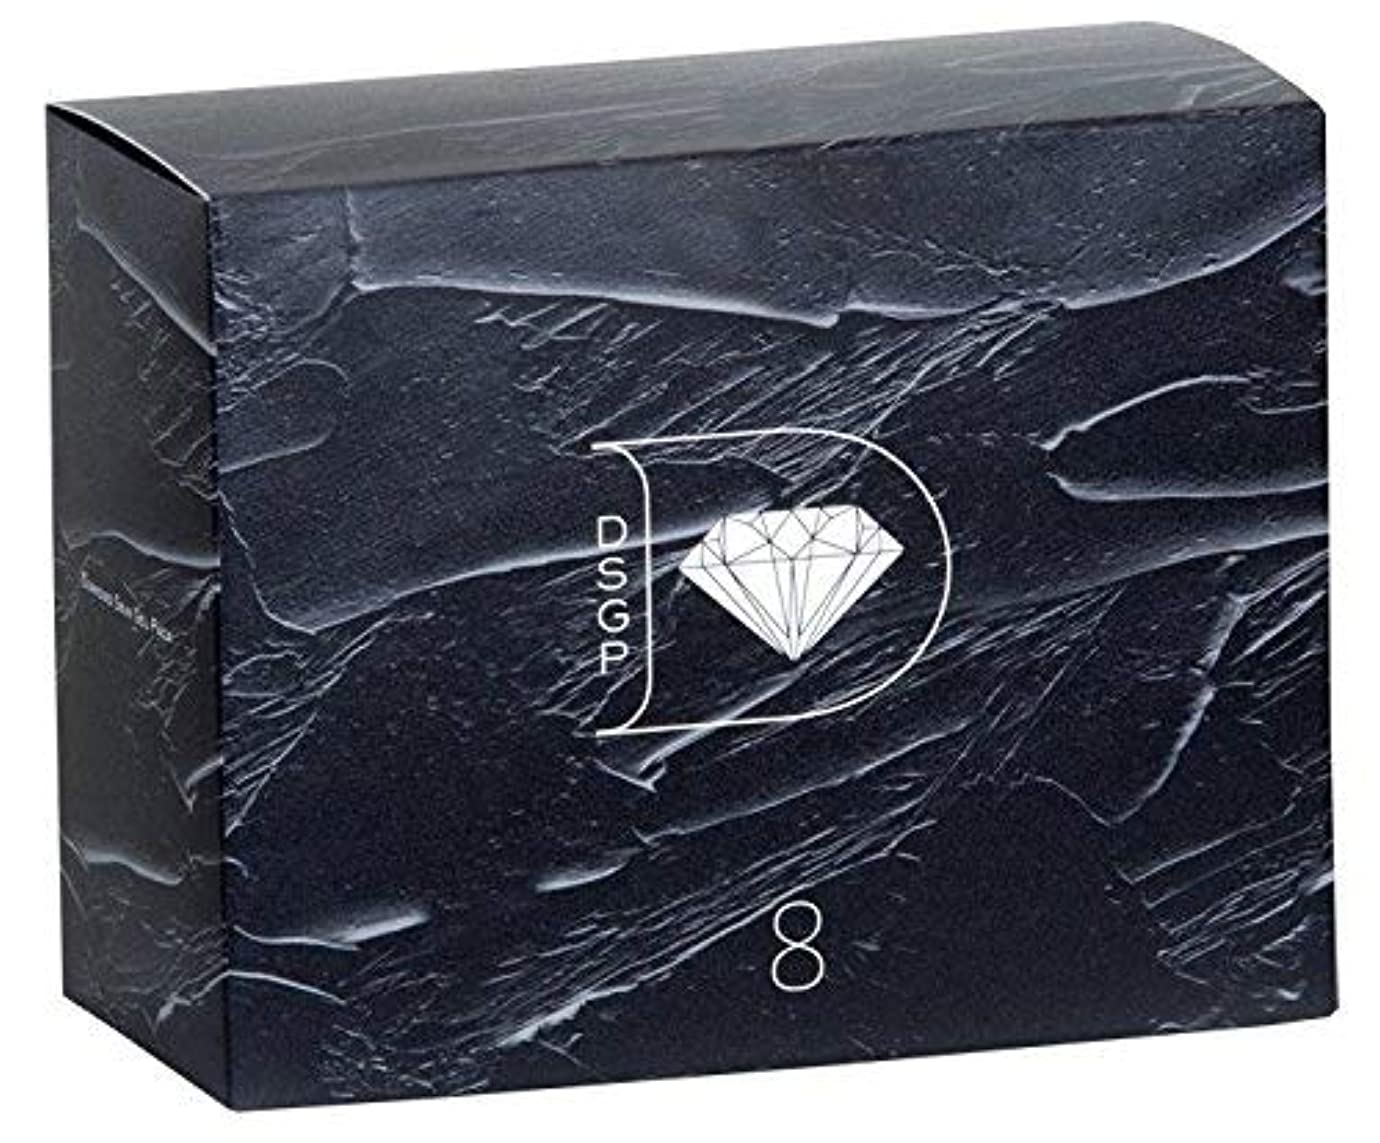 乱れ浸透するストライプダイヤモンドスキンジェルパック×1箱 (8回分) 1回のパックで実感、もっちり肌。 琉球粘土×高濃度炭酸ガス フェイスパック